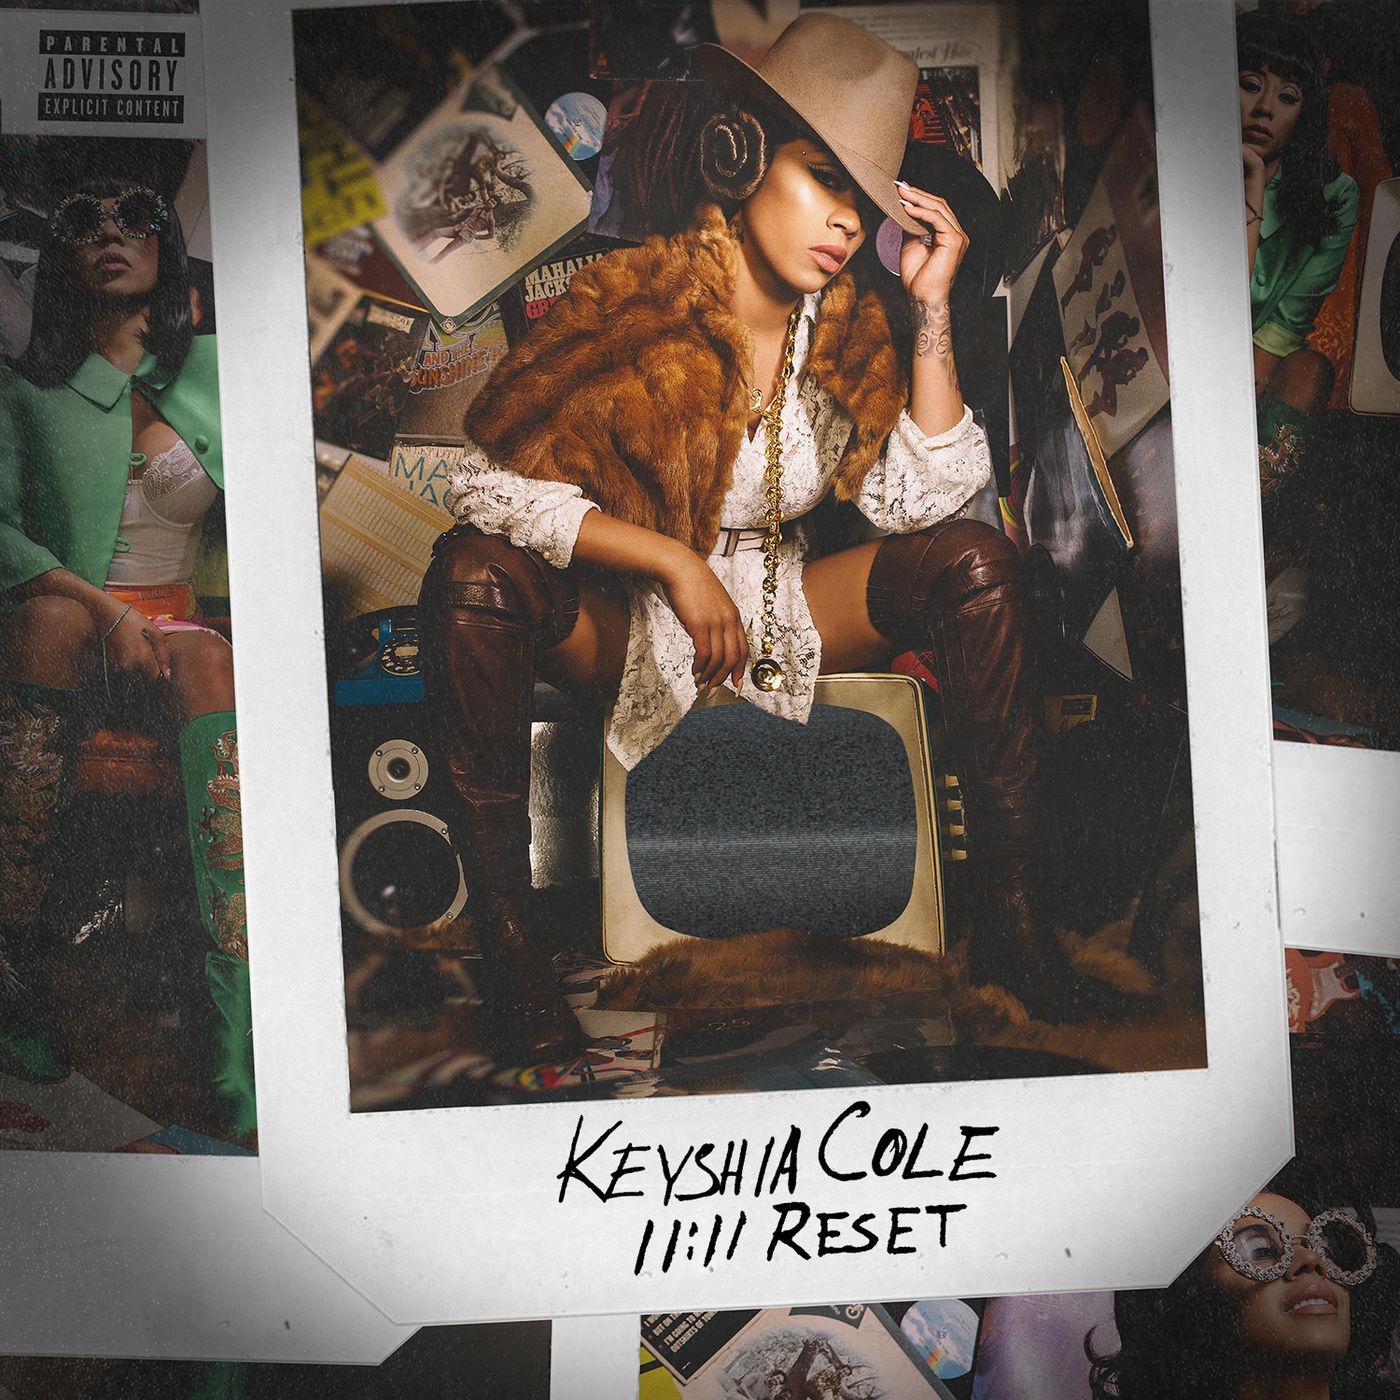 Keyshia Cole - Best Friend - Single